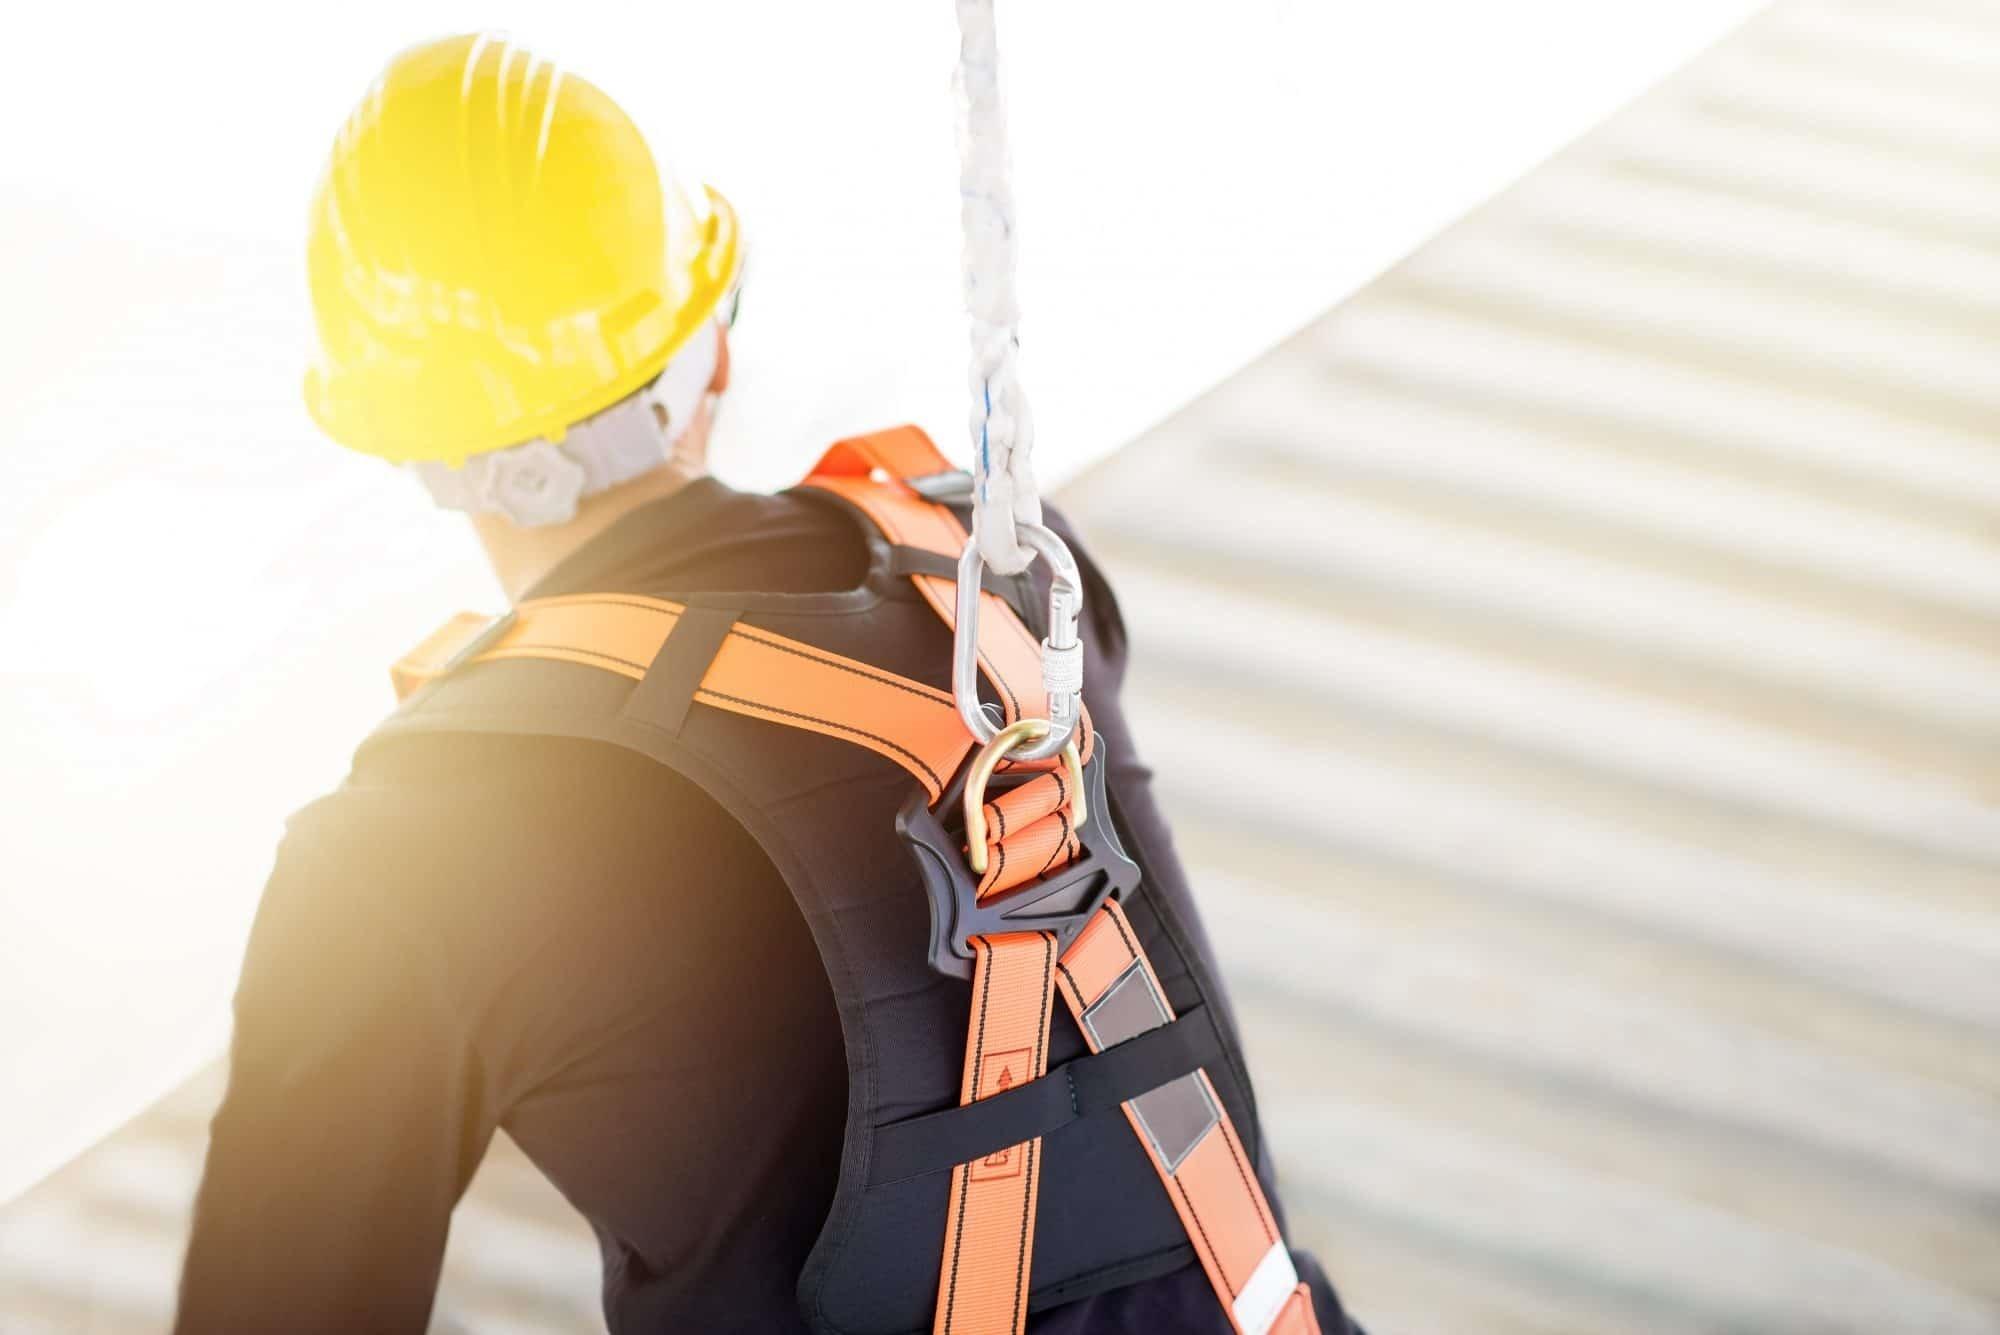 Gestão de segurança e saúde ocupacional: da importância à aplicação nas empresas